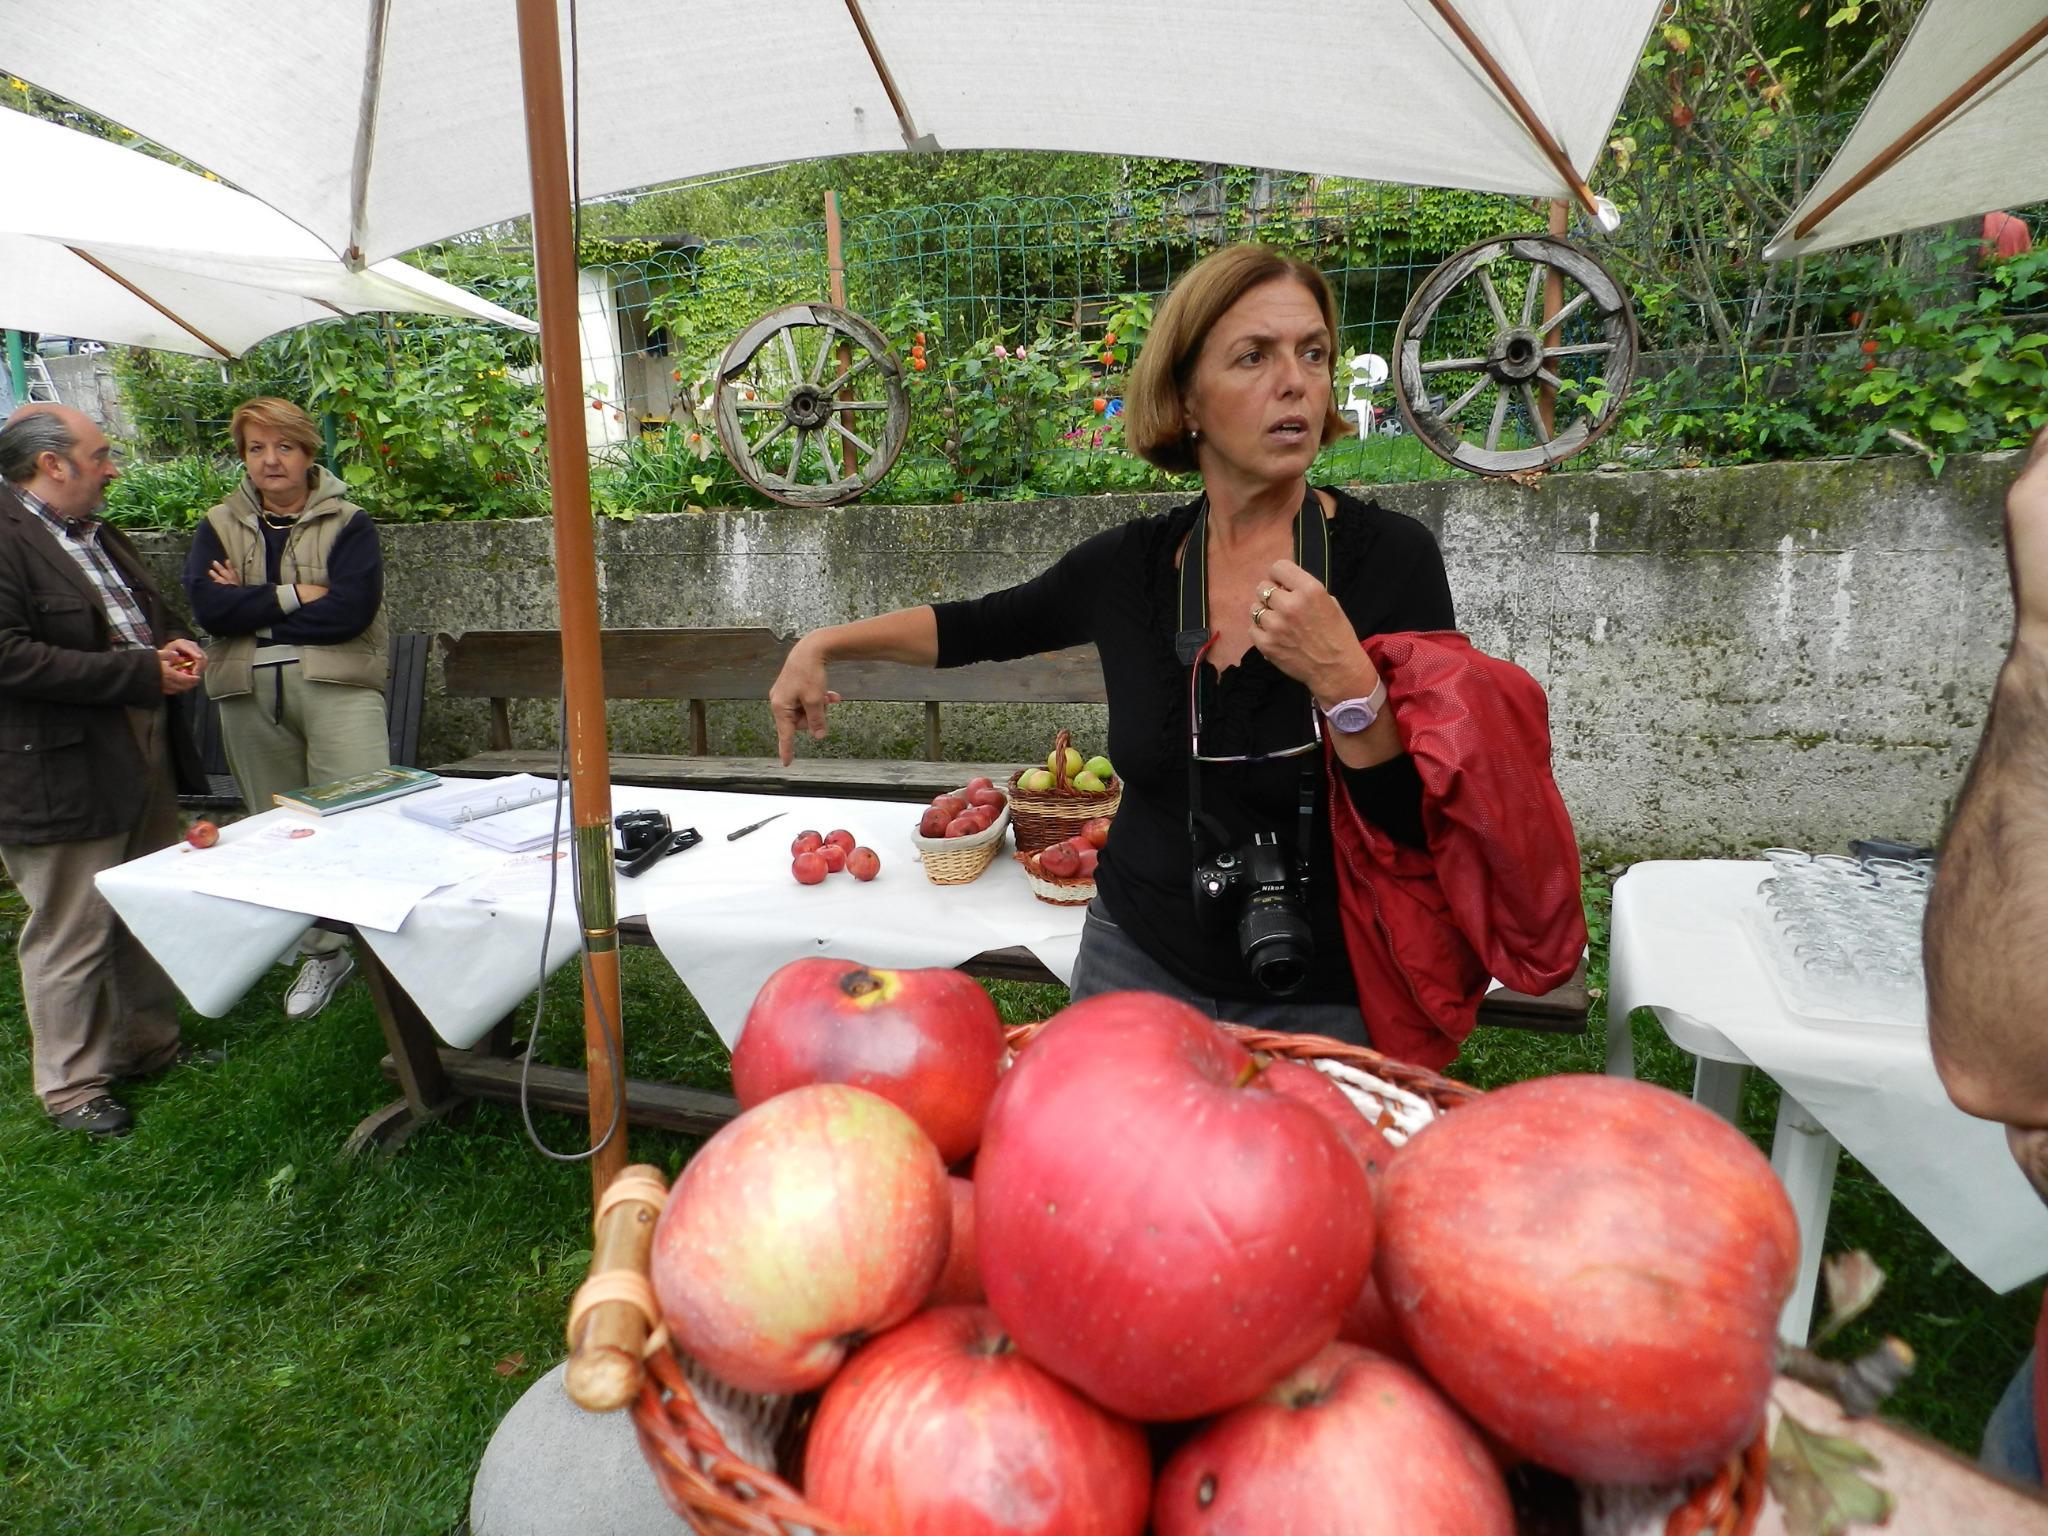 Oggi presentazione stampa progetto valorizzazione della antica Mela Cabellotta c/o Agriturismo Agrinatura Valbrevenna http://t.co/841TFek4